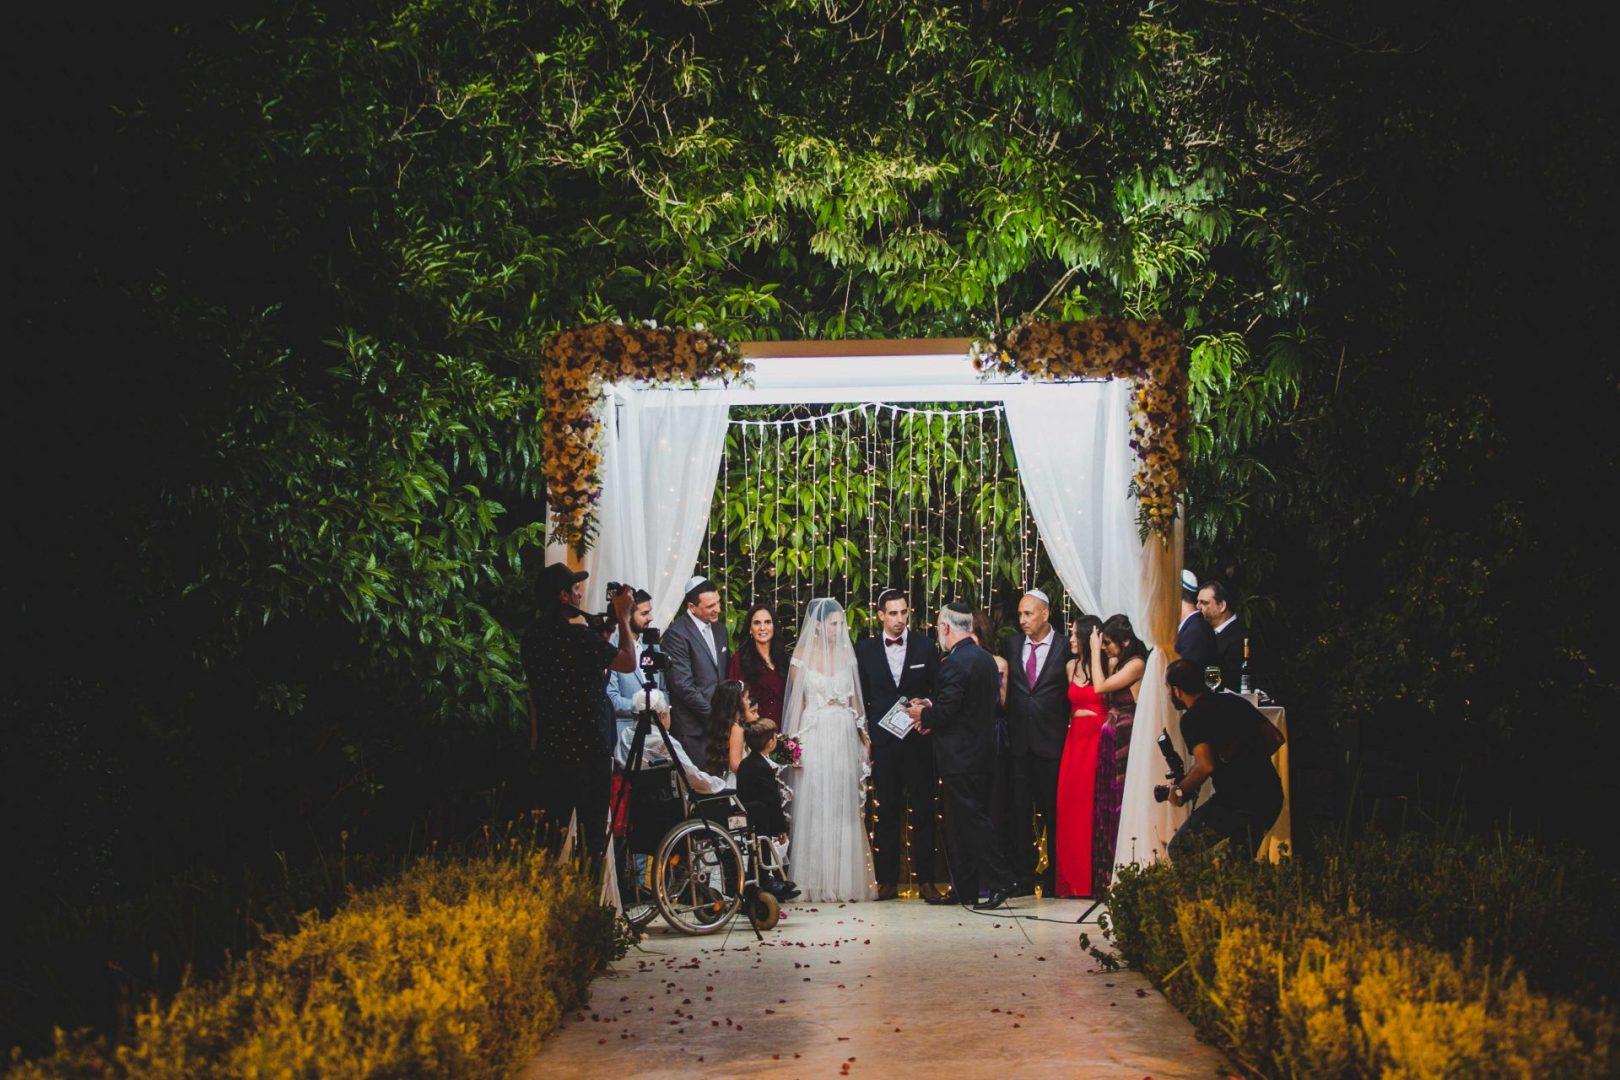 צילום חתונה קטנה: כל מה שחשוב שתדעו